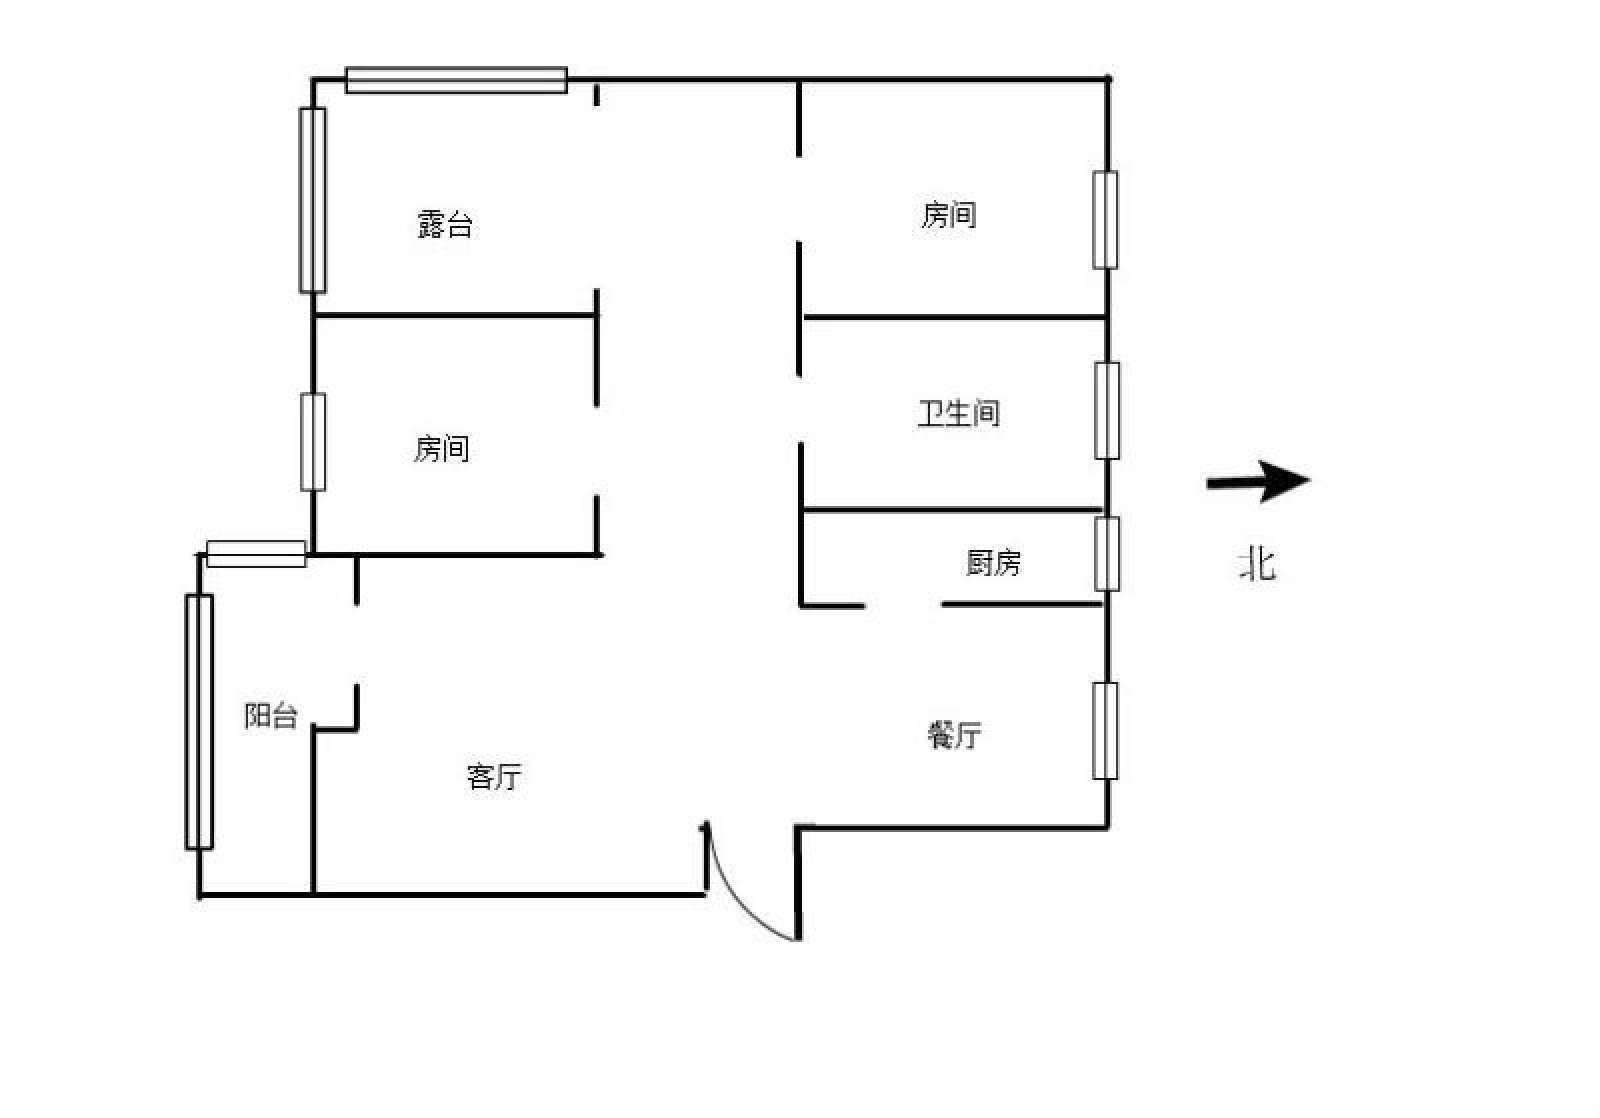 瑞景新城 3室2厅80㎡